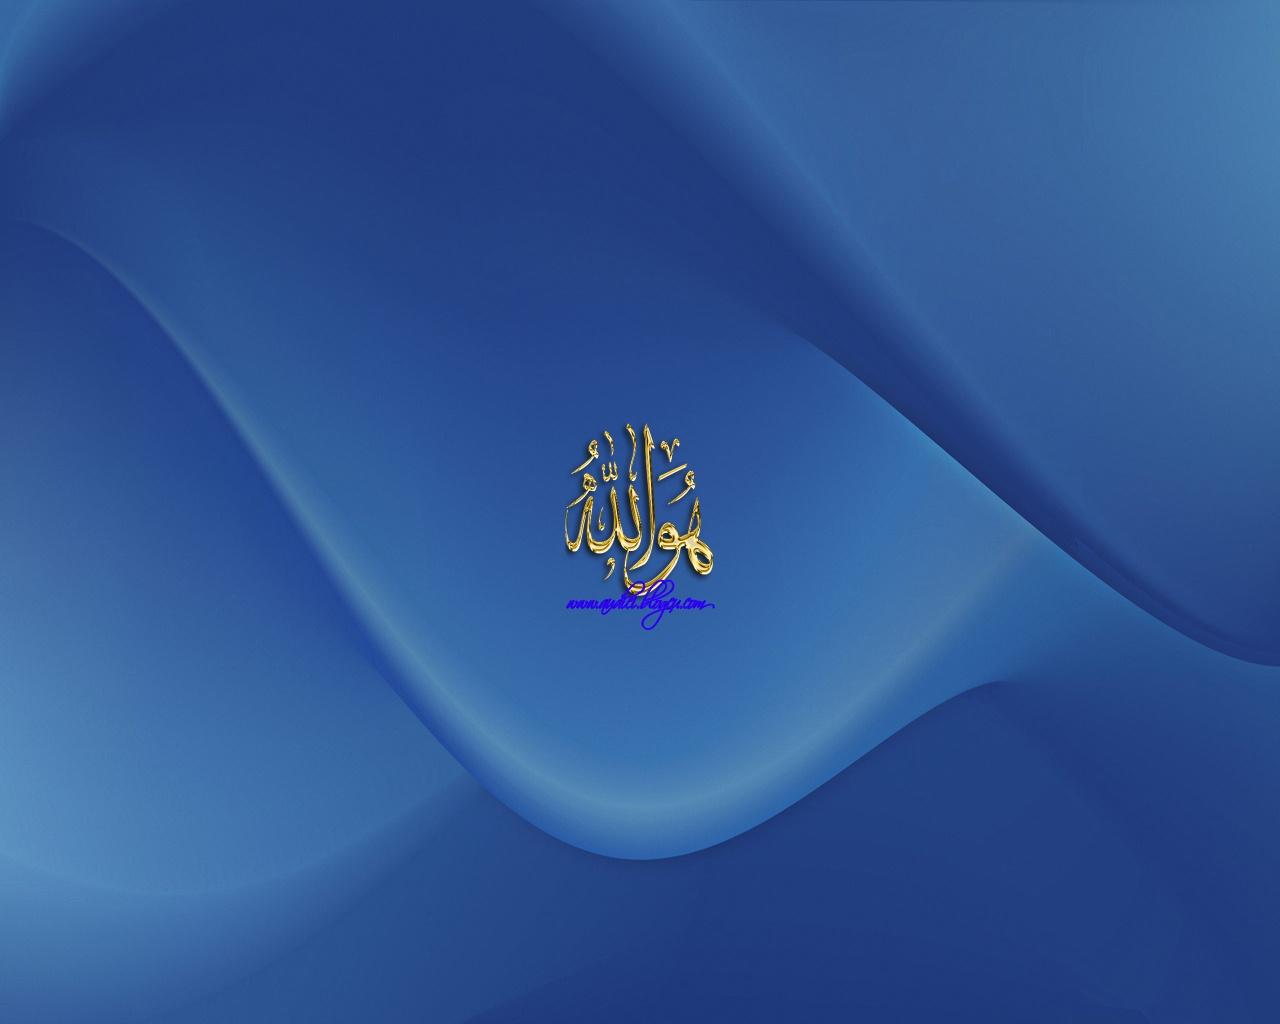 Beautiful allah names wallpapers wallpapersafari - A and s name wallpaper ...